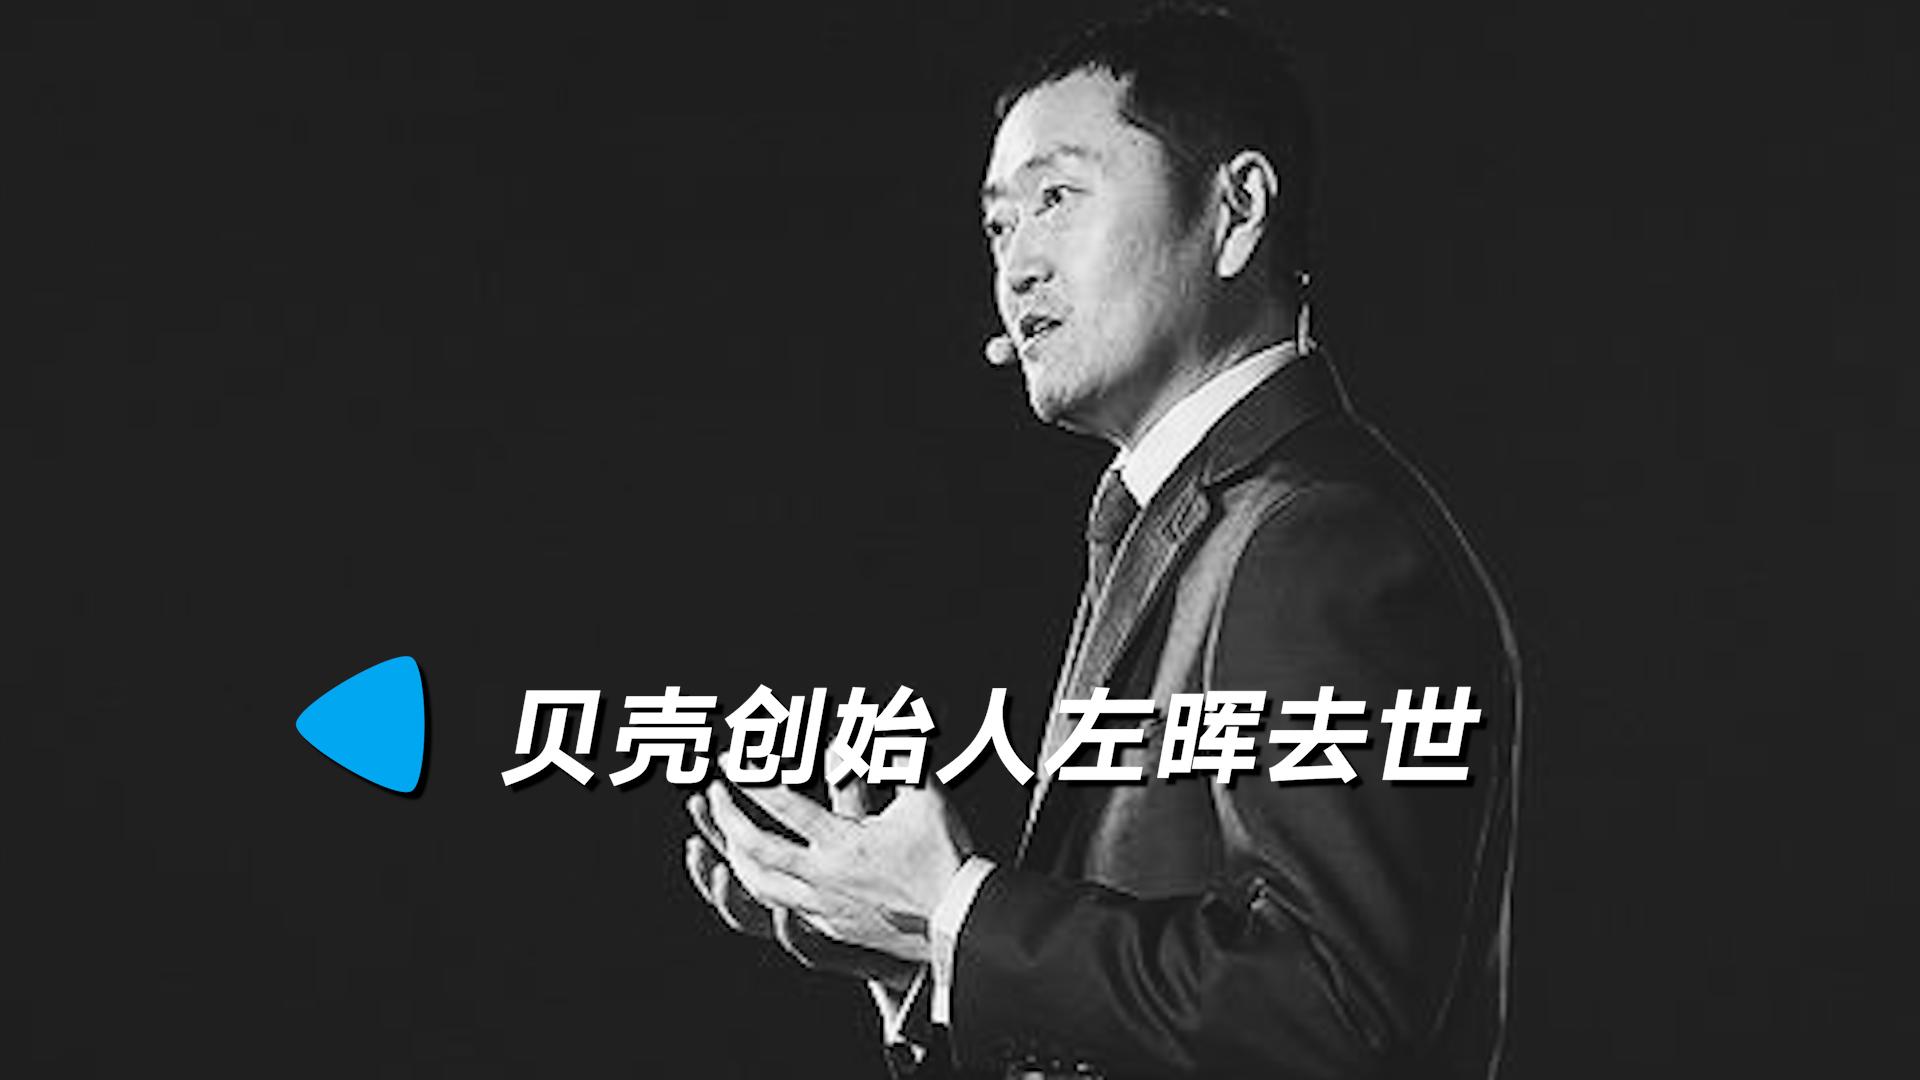 贝壳找房创始人兼董事长左晖去世,曾创立链家、自如丨时间线